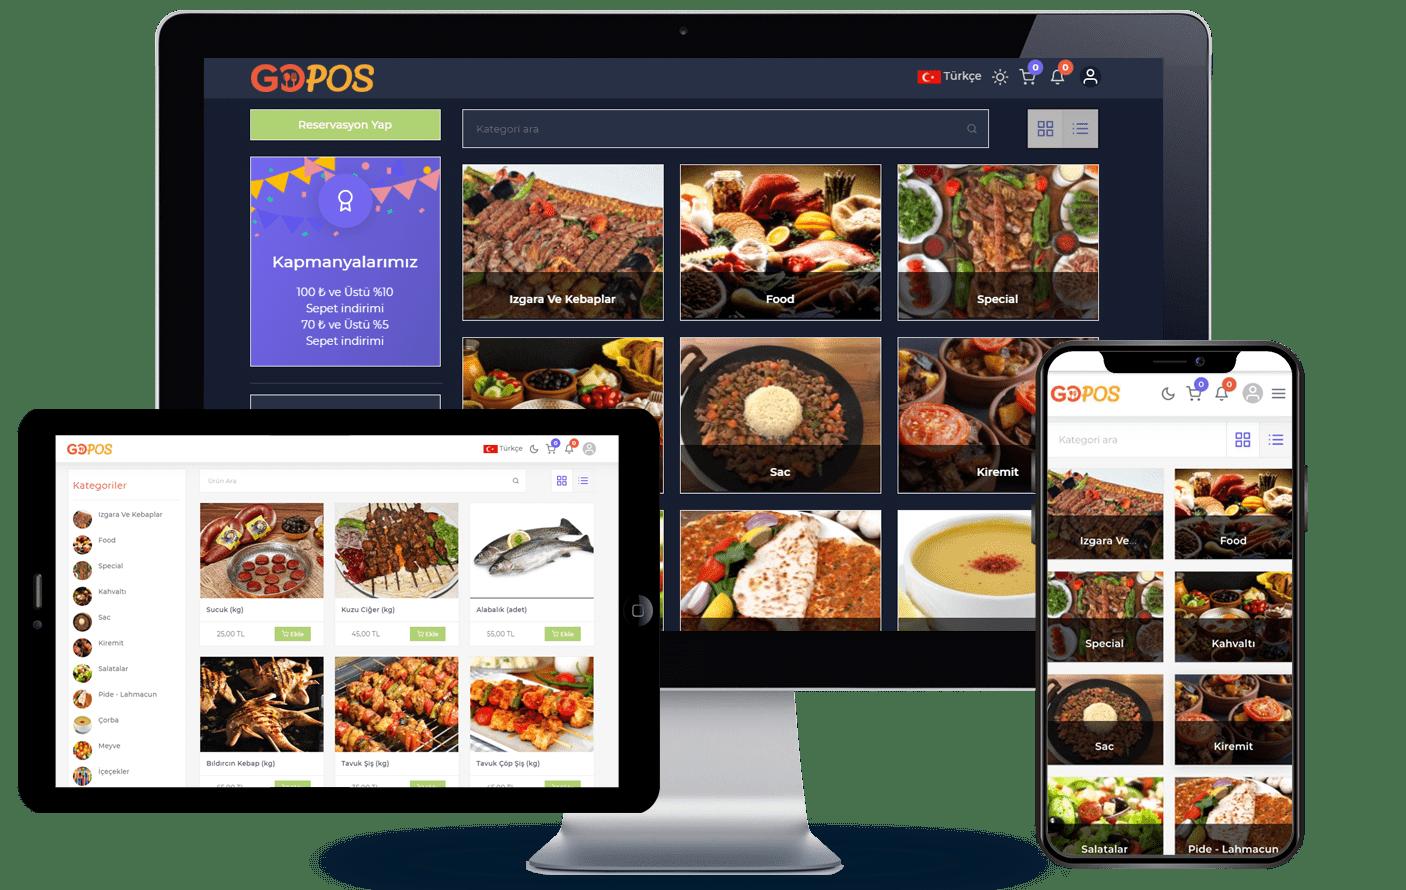 karekod menu, qr kodlu restoran menu